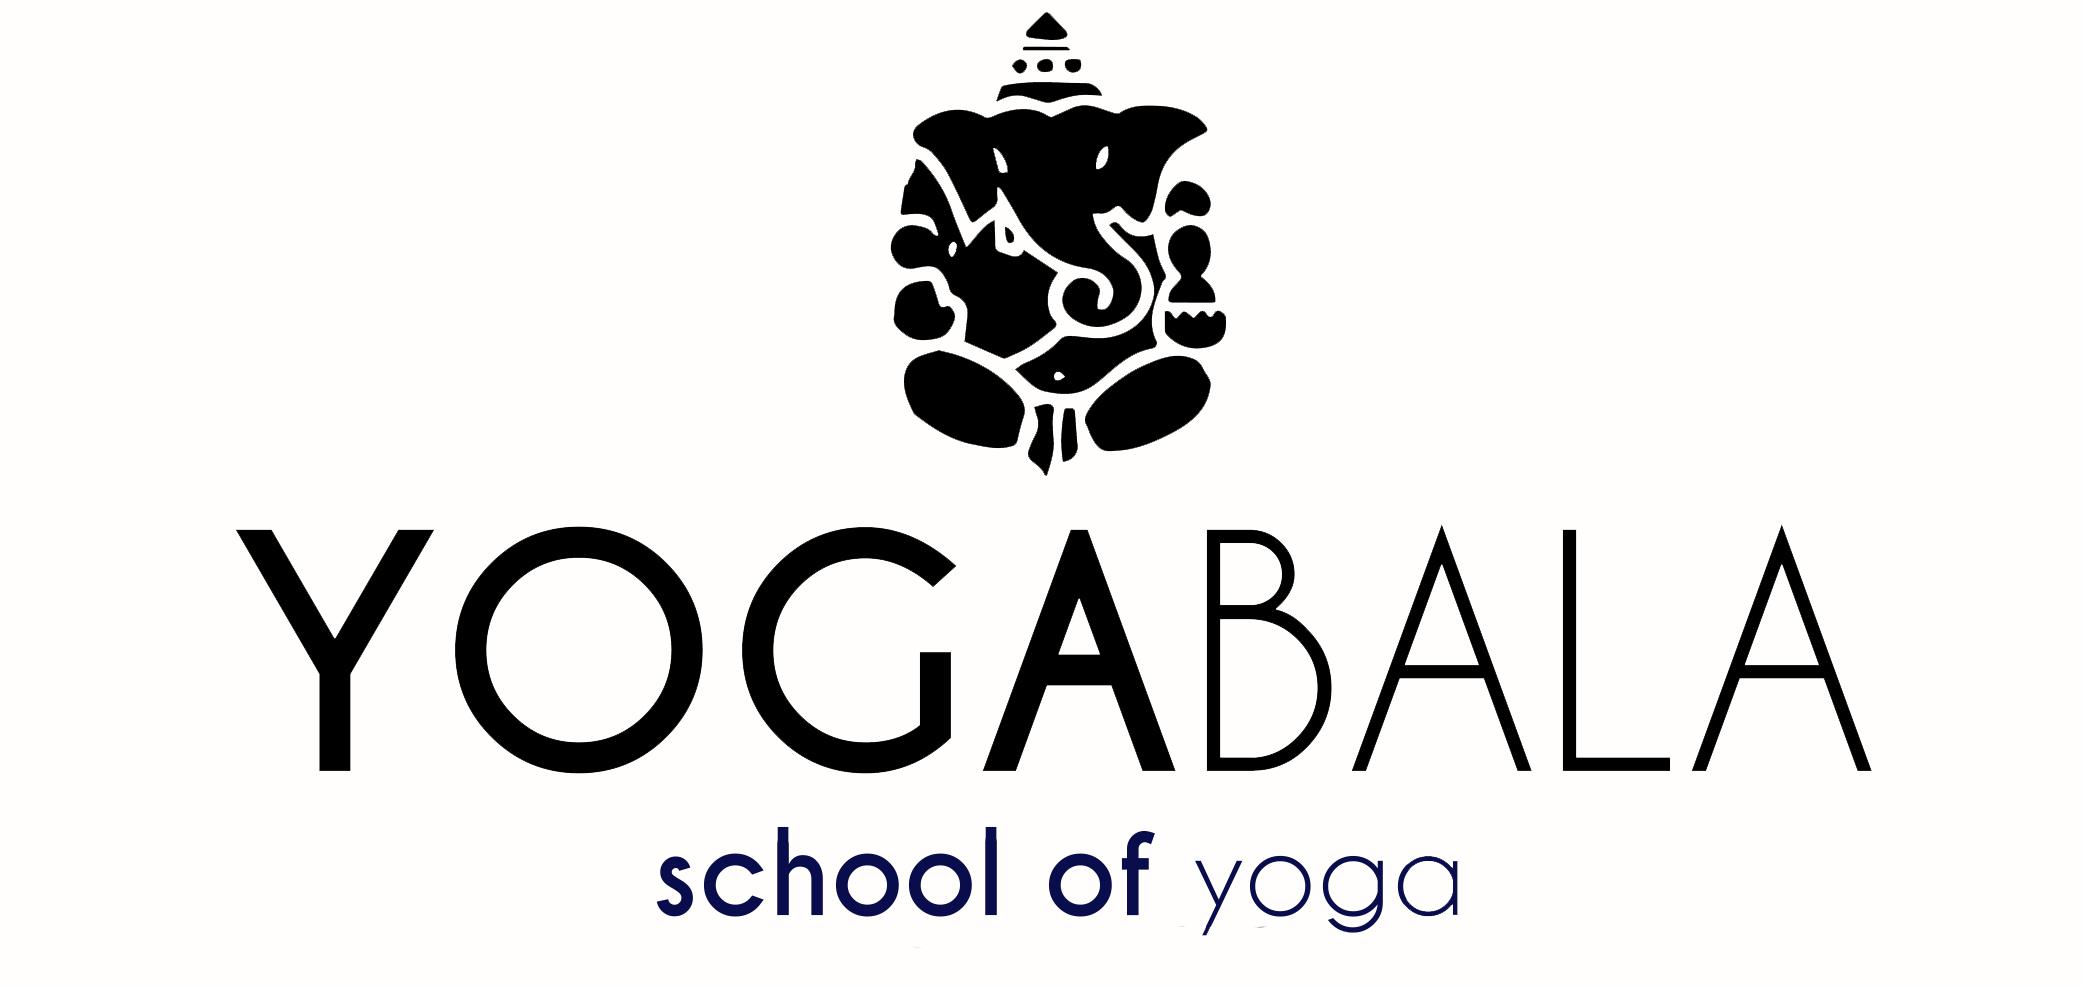 Yoga Bala